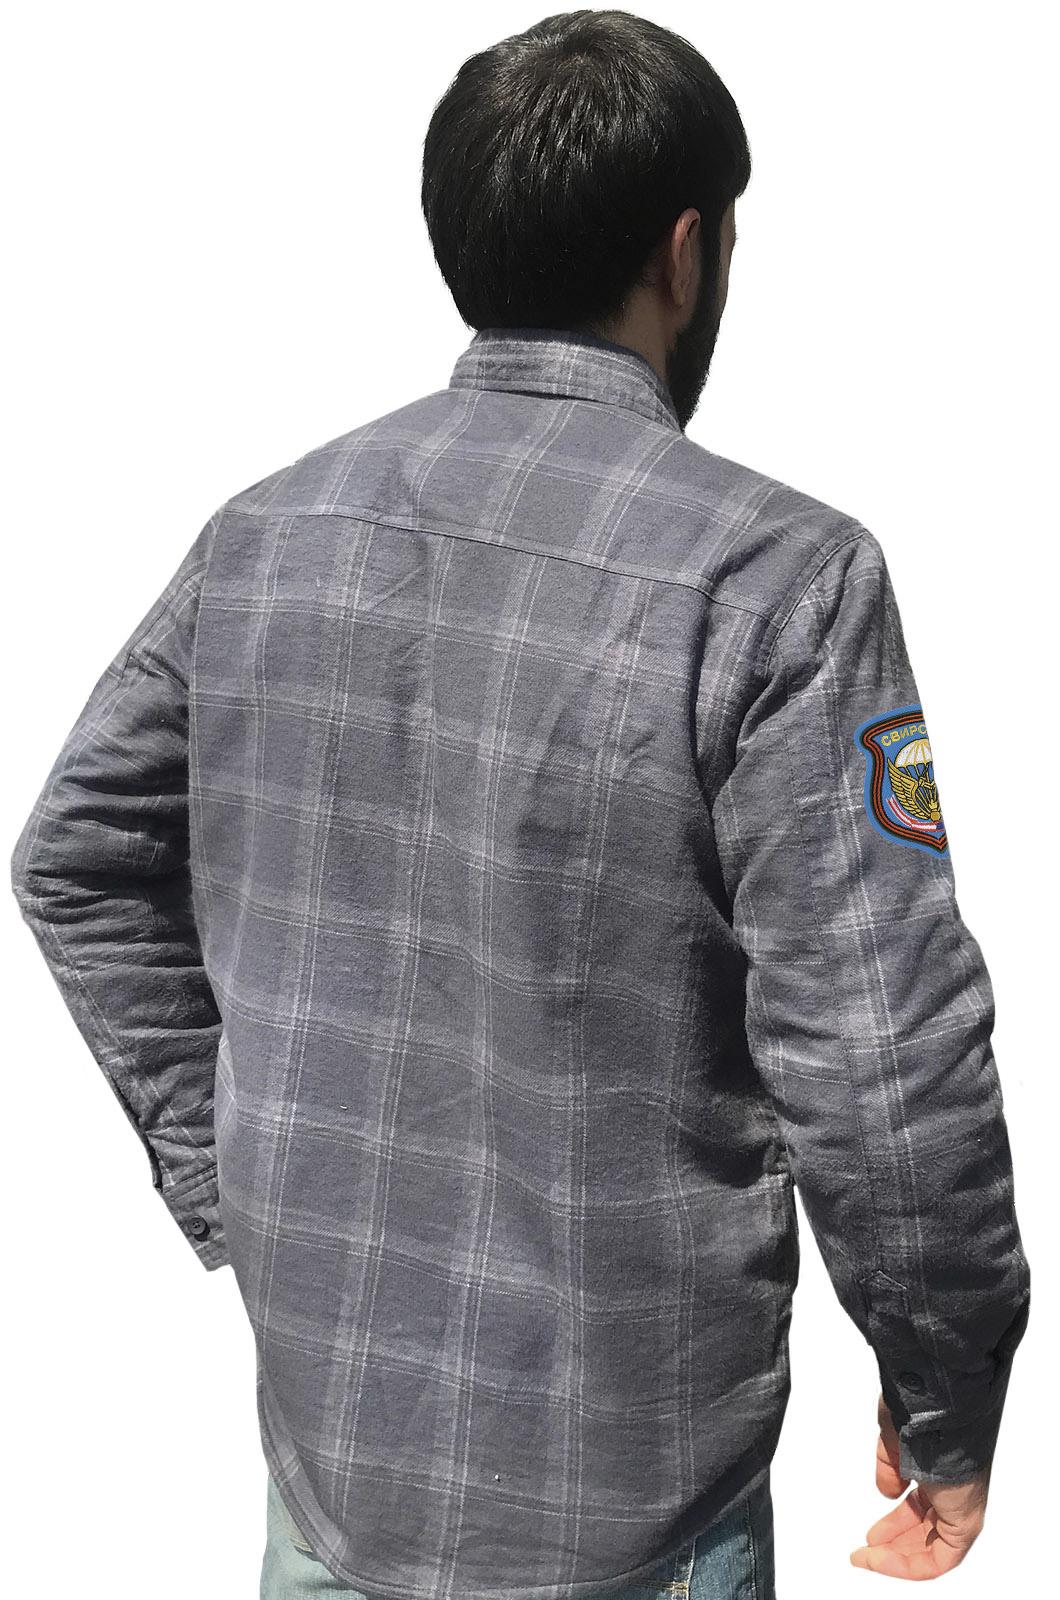 Купить мужскую крутую рубашку с вышитым шевроном 98 Свирская дивизия в подарок мужчине